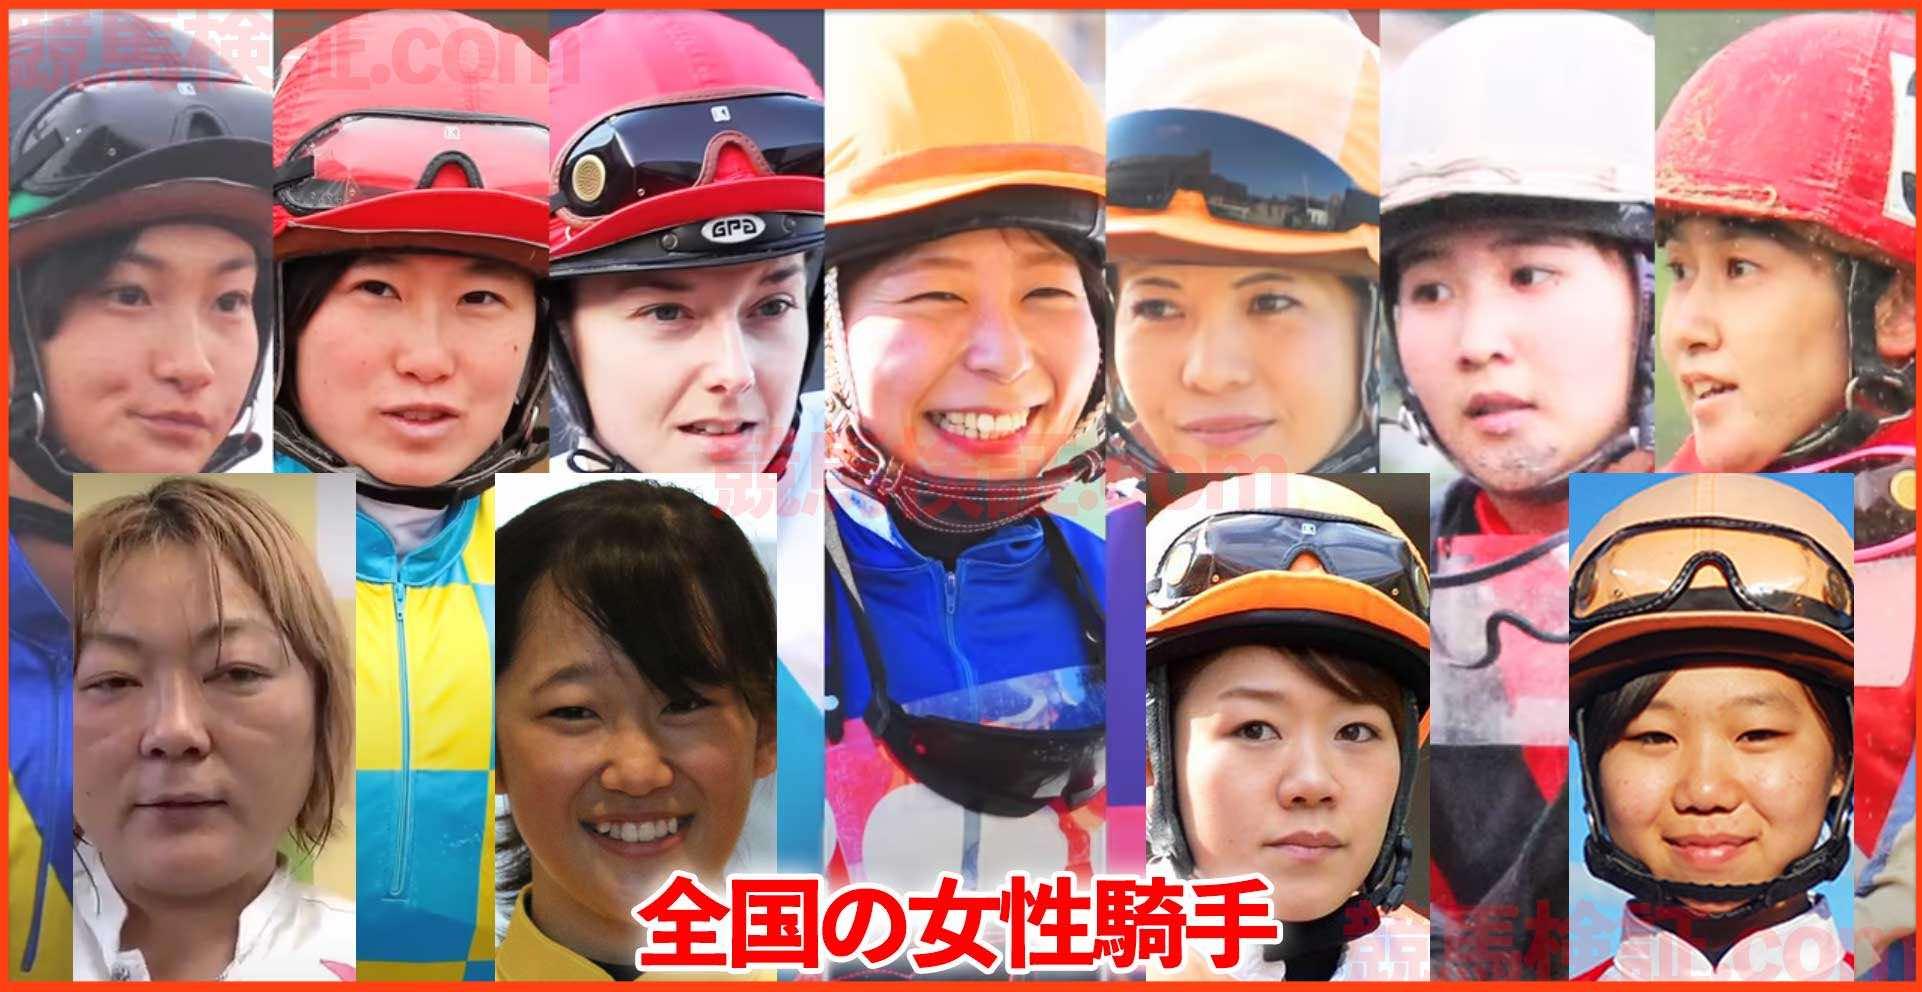 全国の女性ジョッキー(女性騎手)の画像